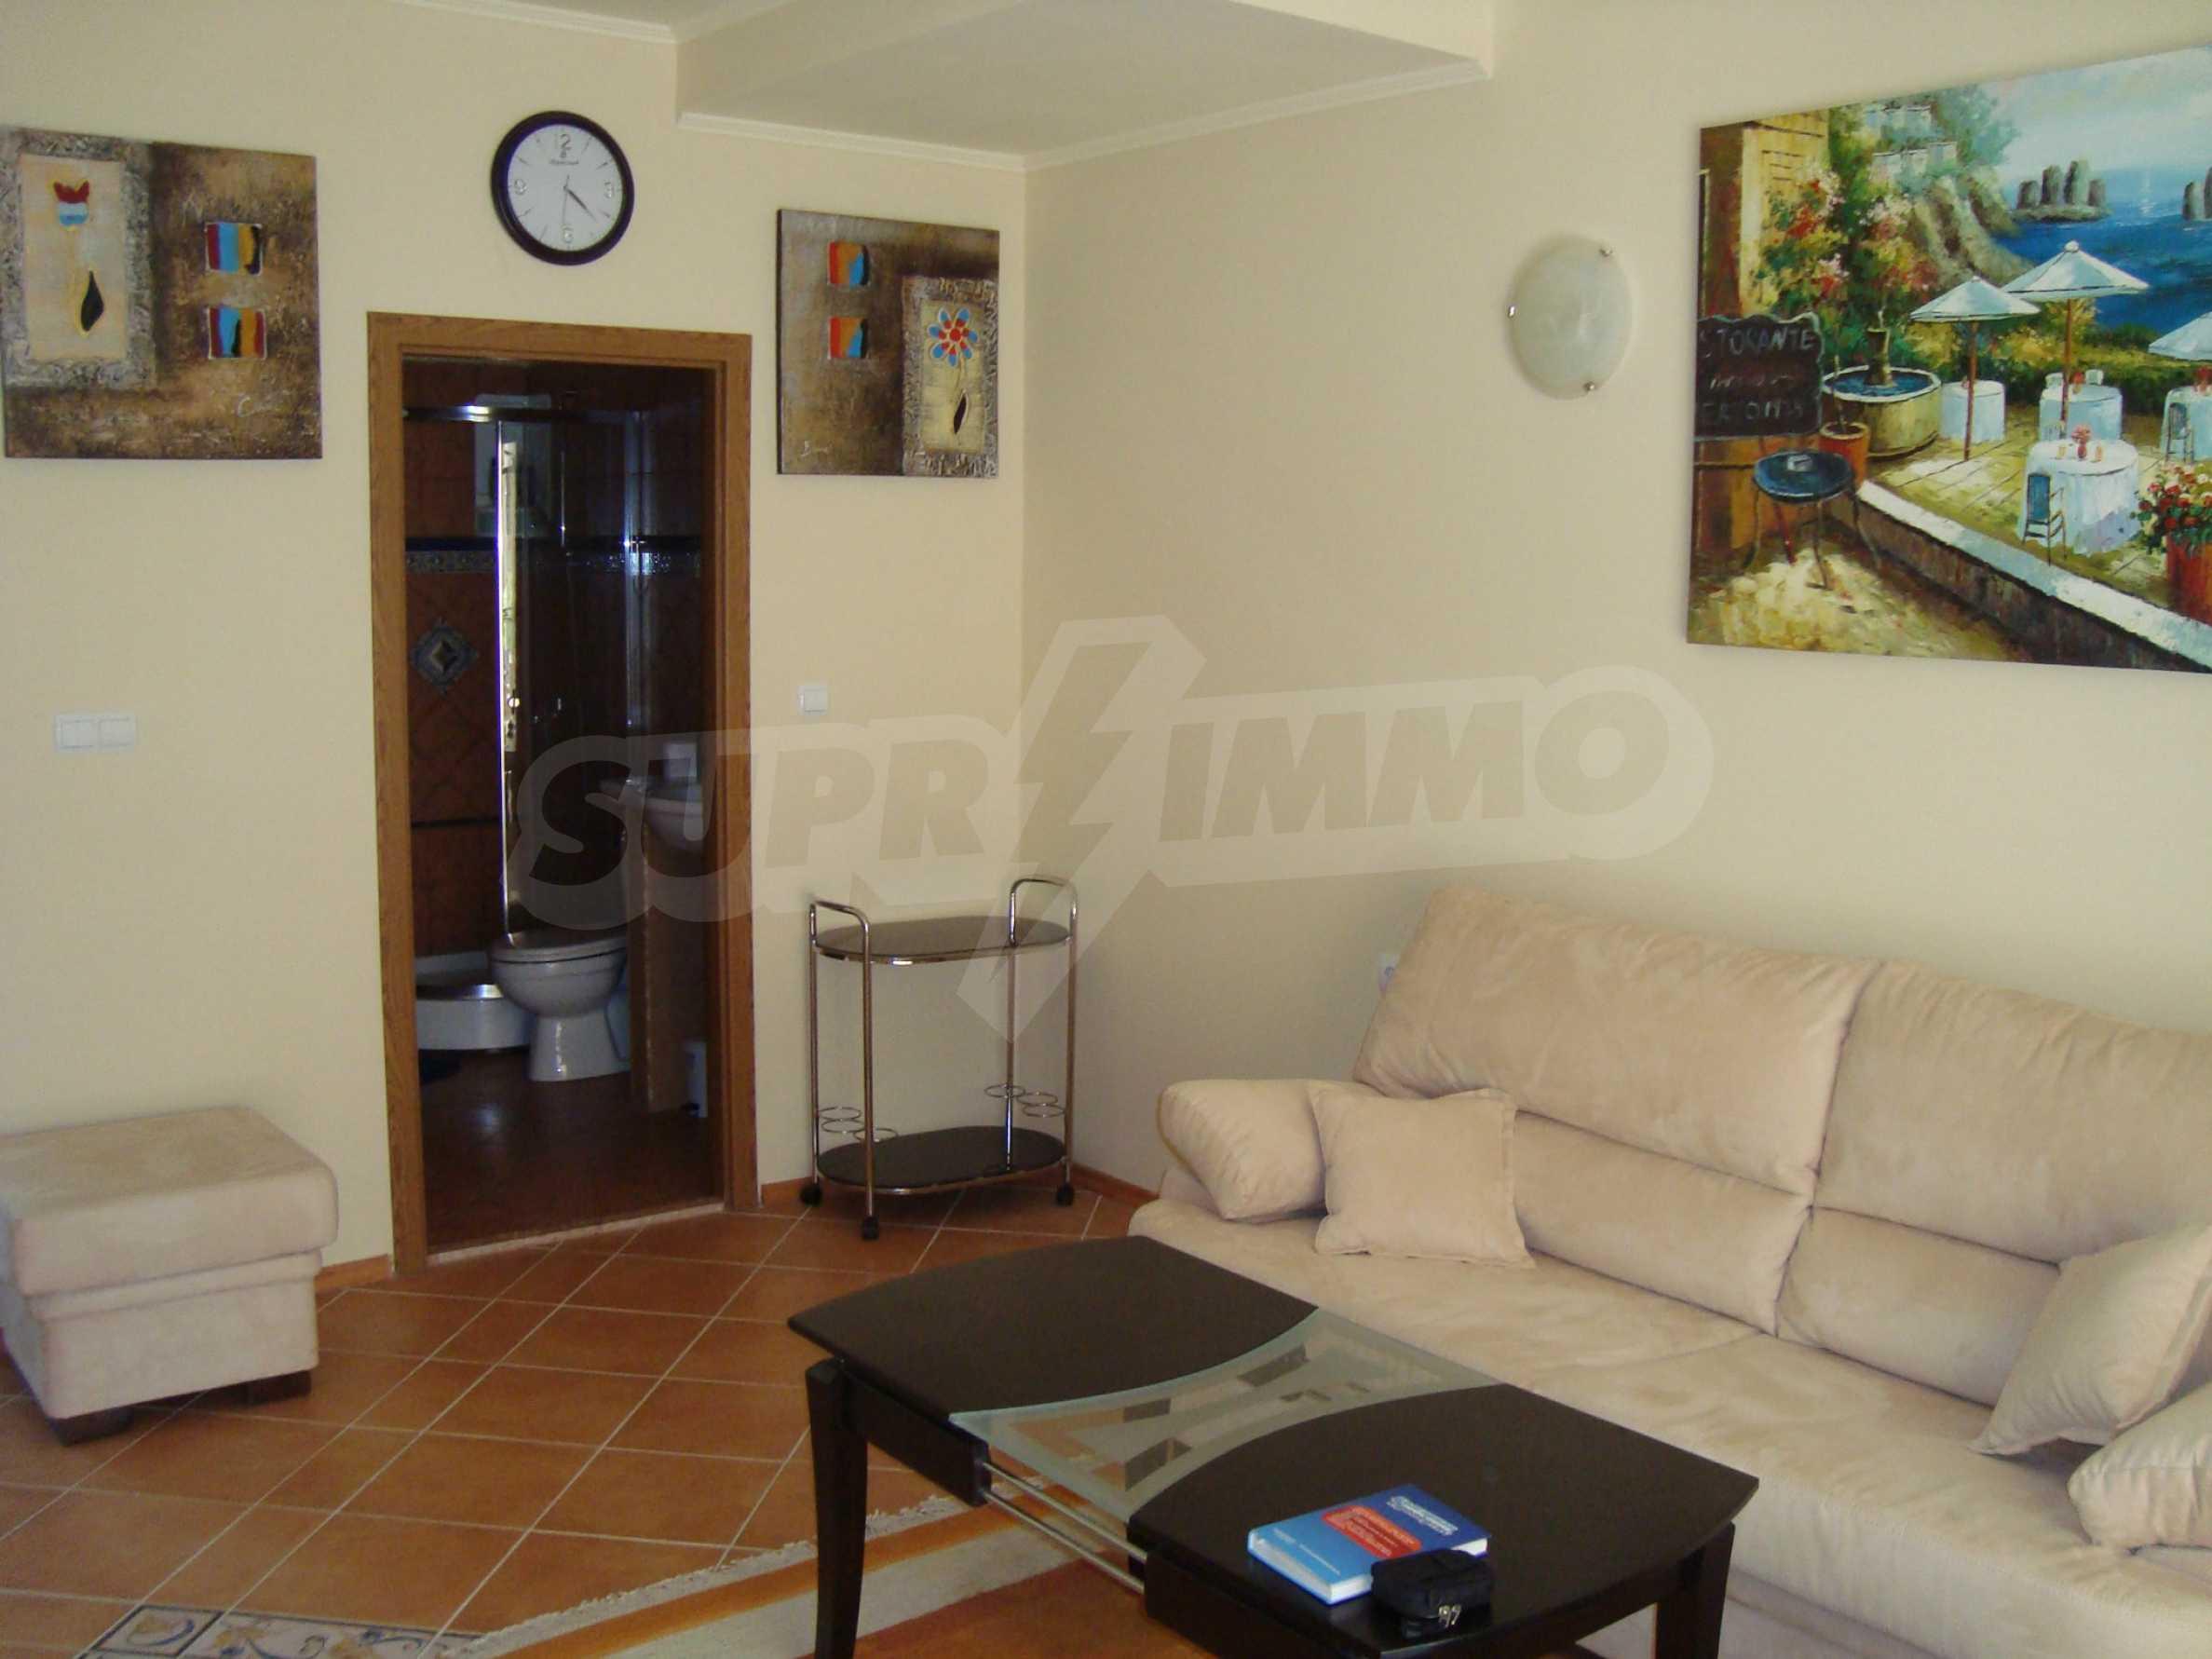 2-stöckige Villa zum Verkauf in Elenite Feriendorf, 9